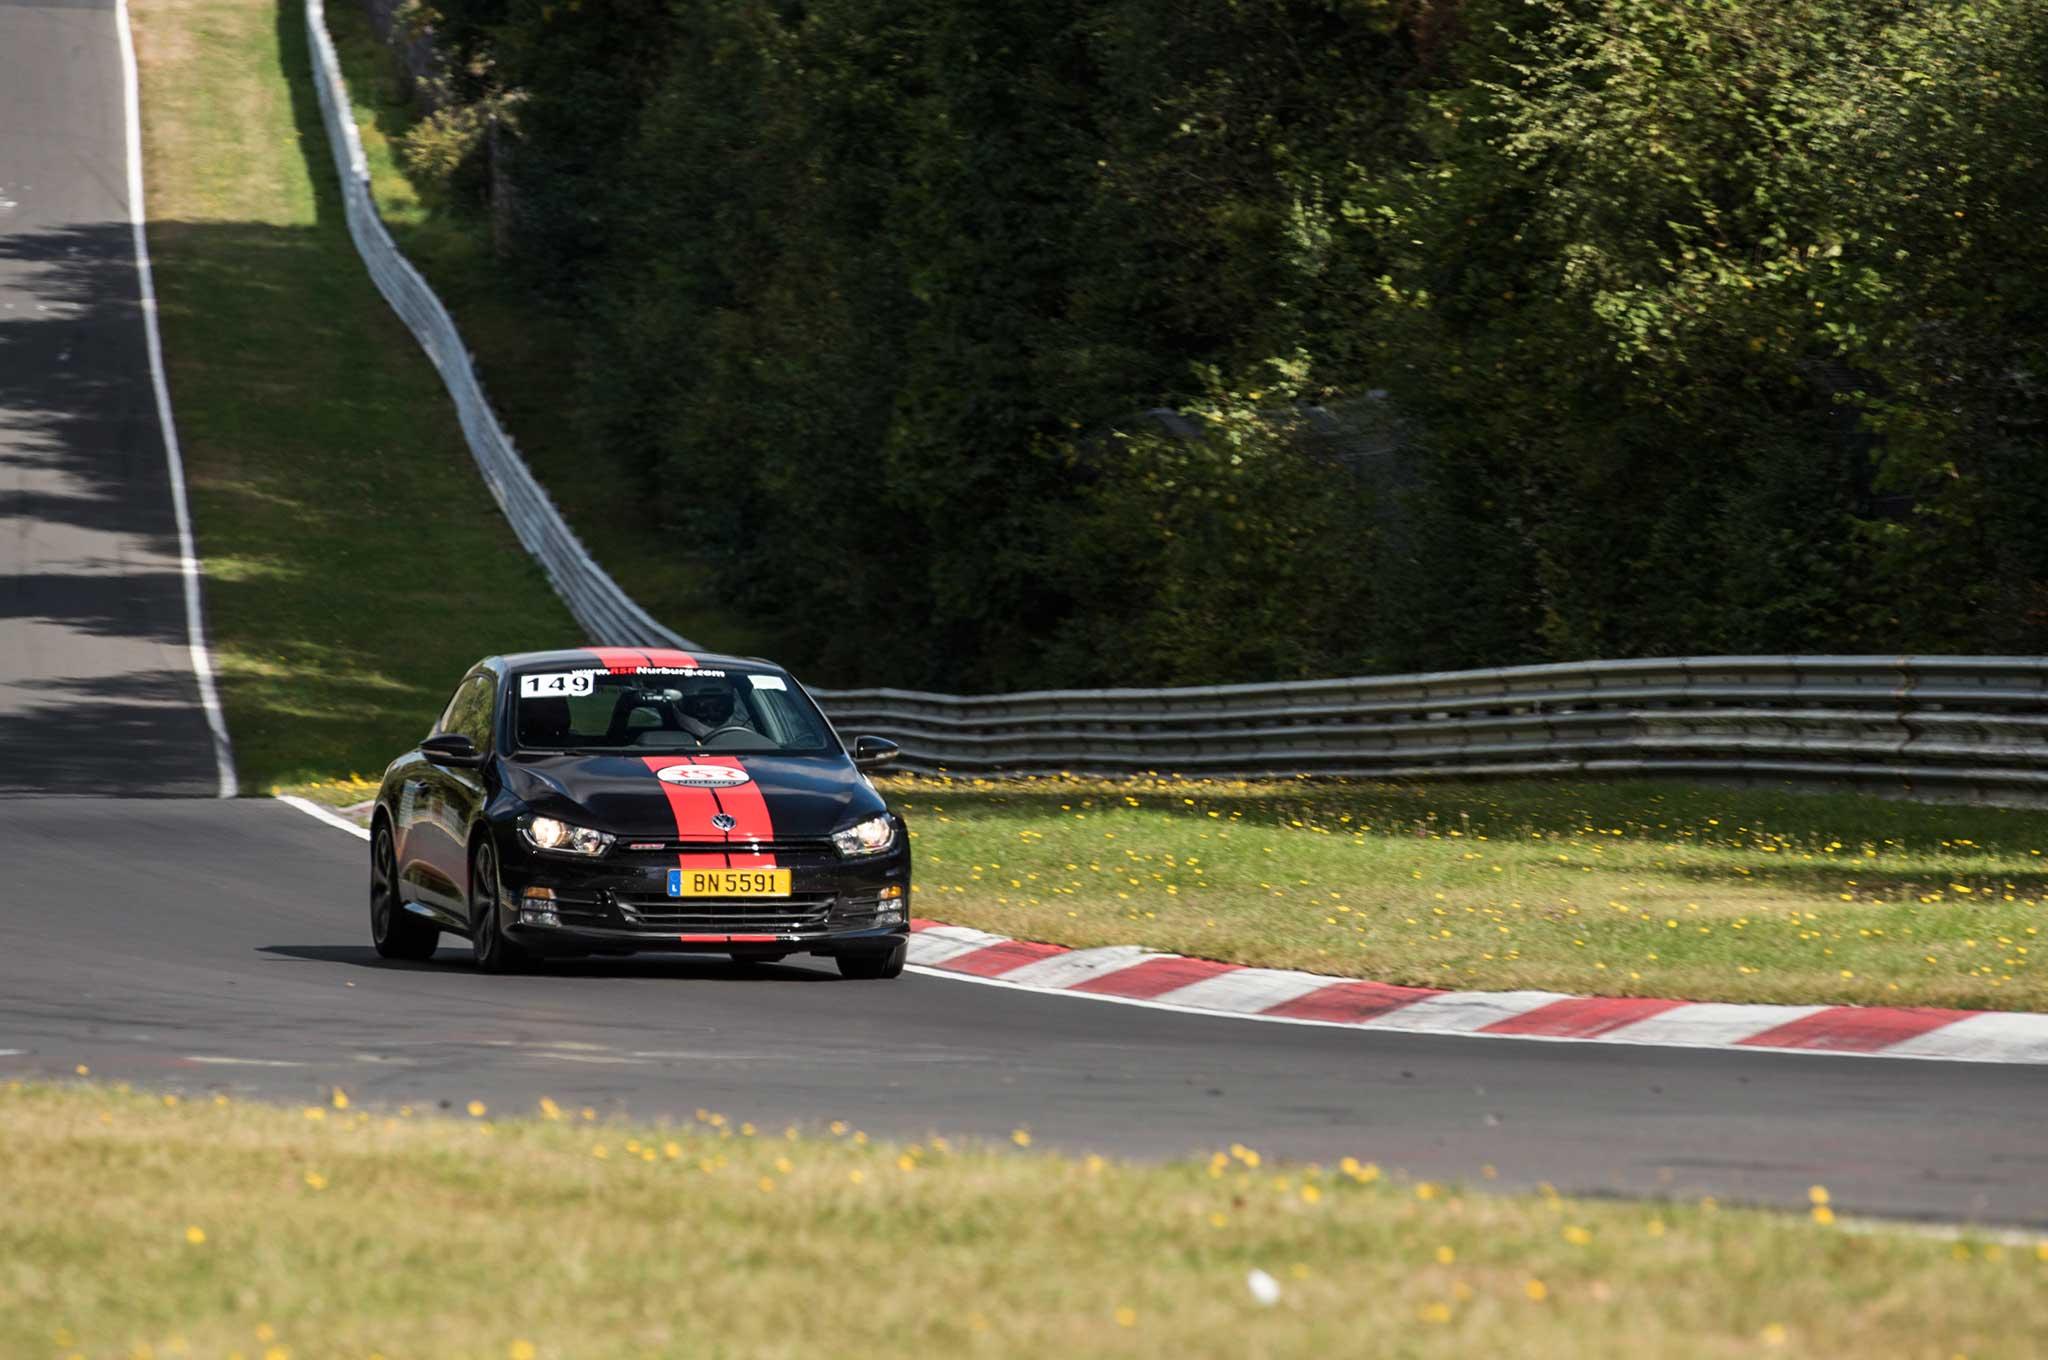 Nurburgring 13